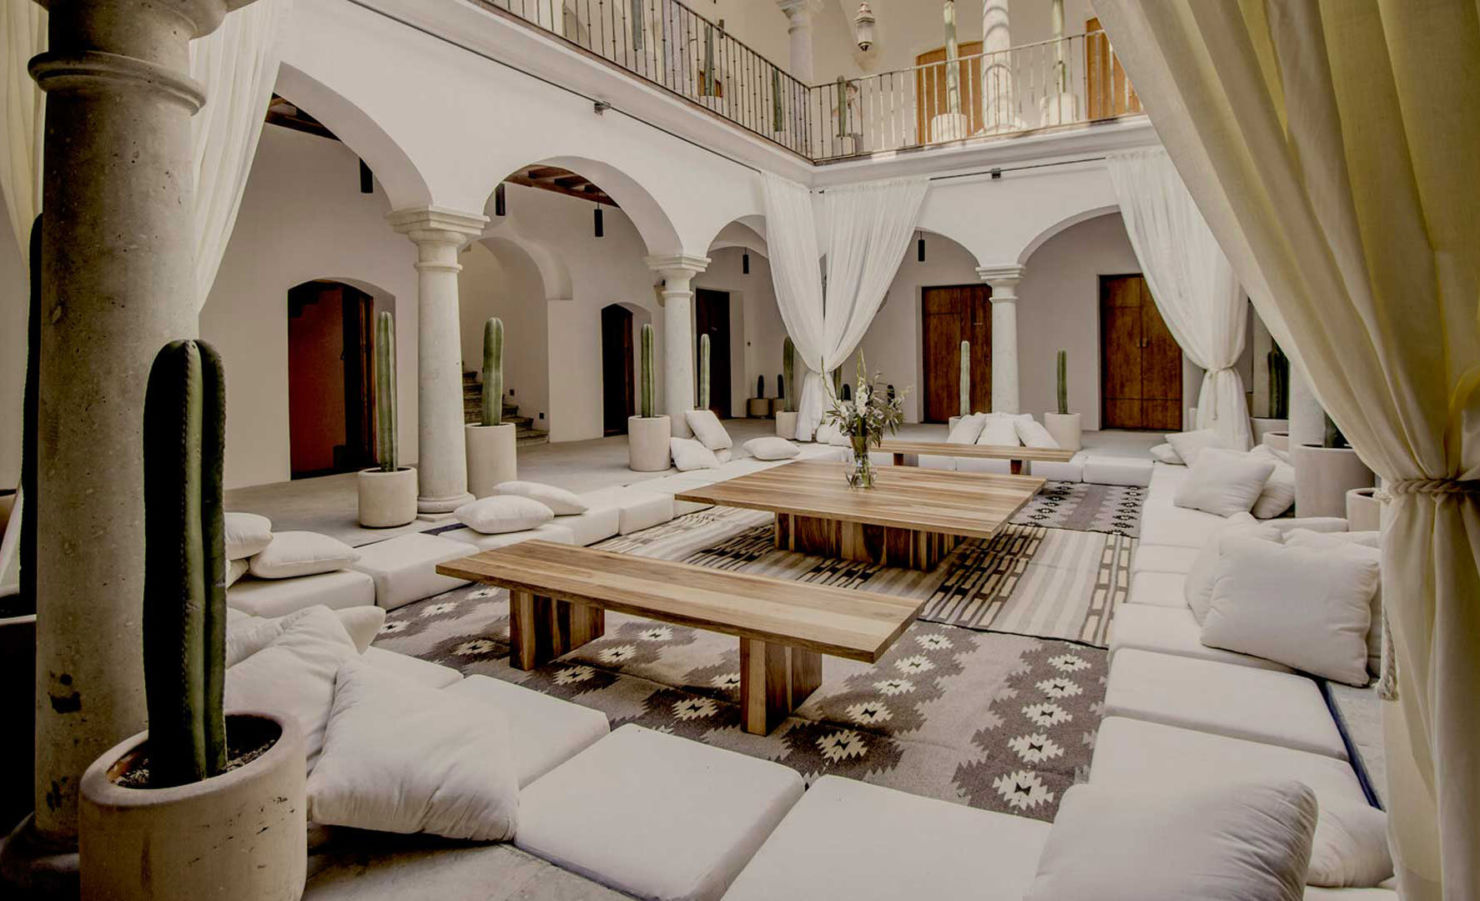 Nuevos hoteles boutique en Oaxaca que debes conocer